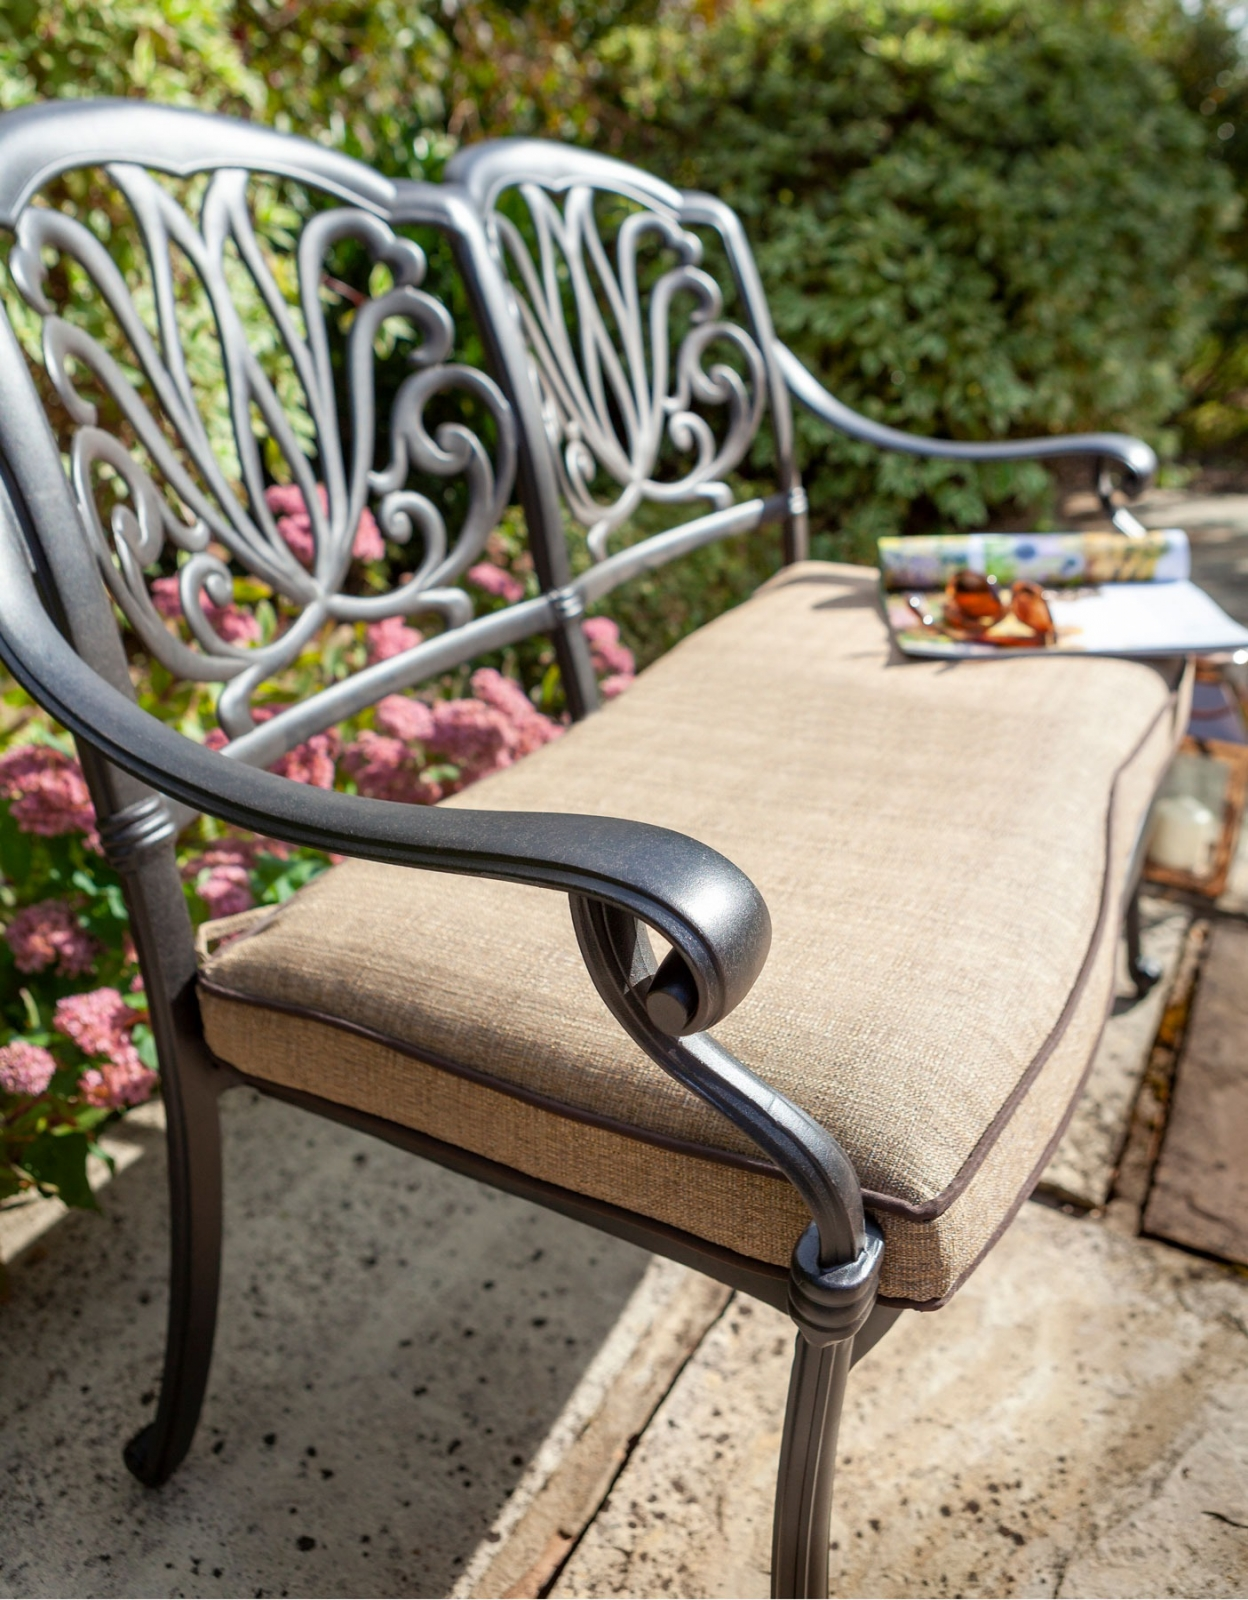 Amalfi bench